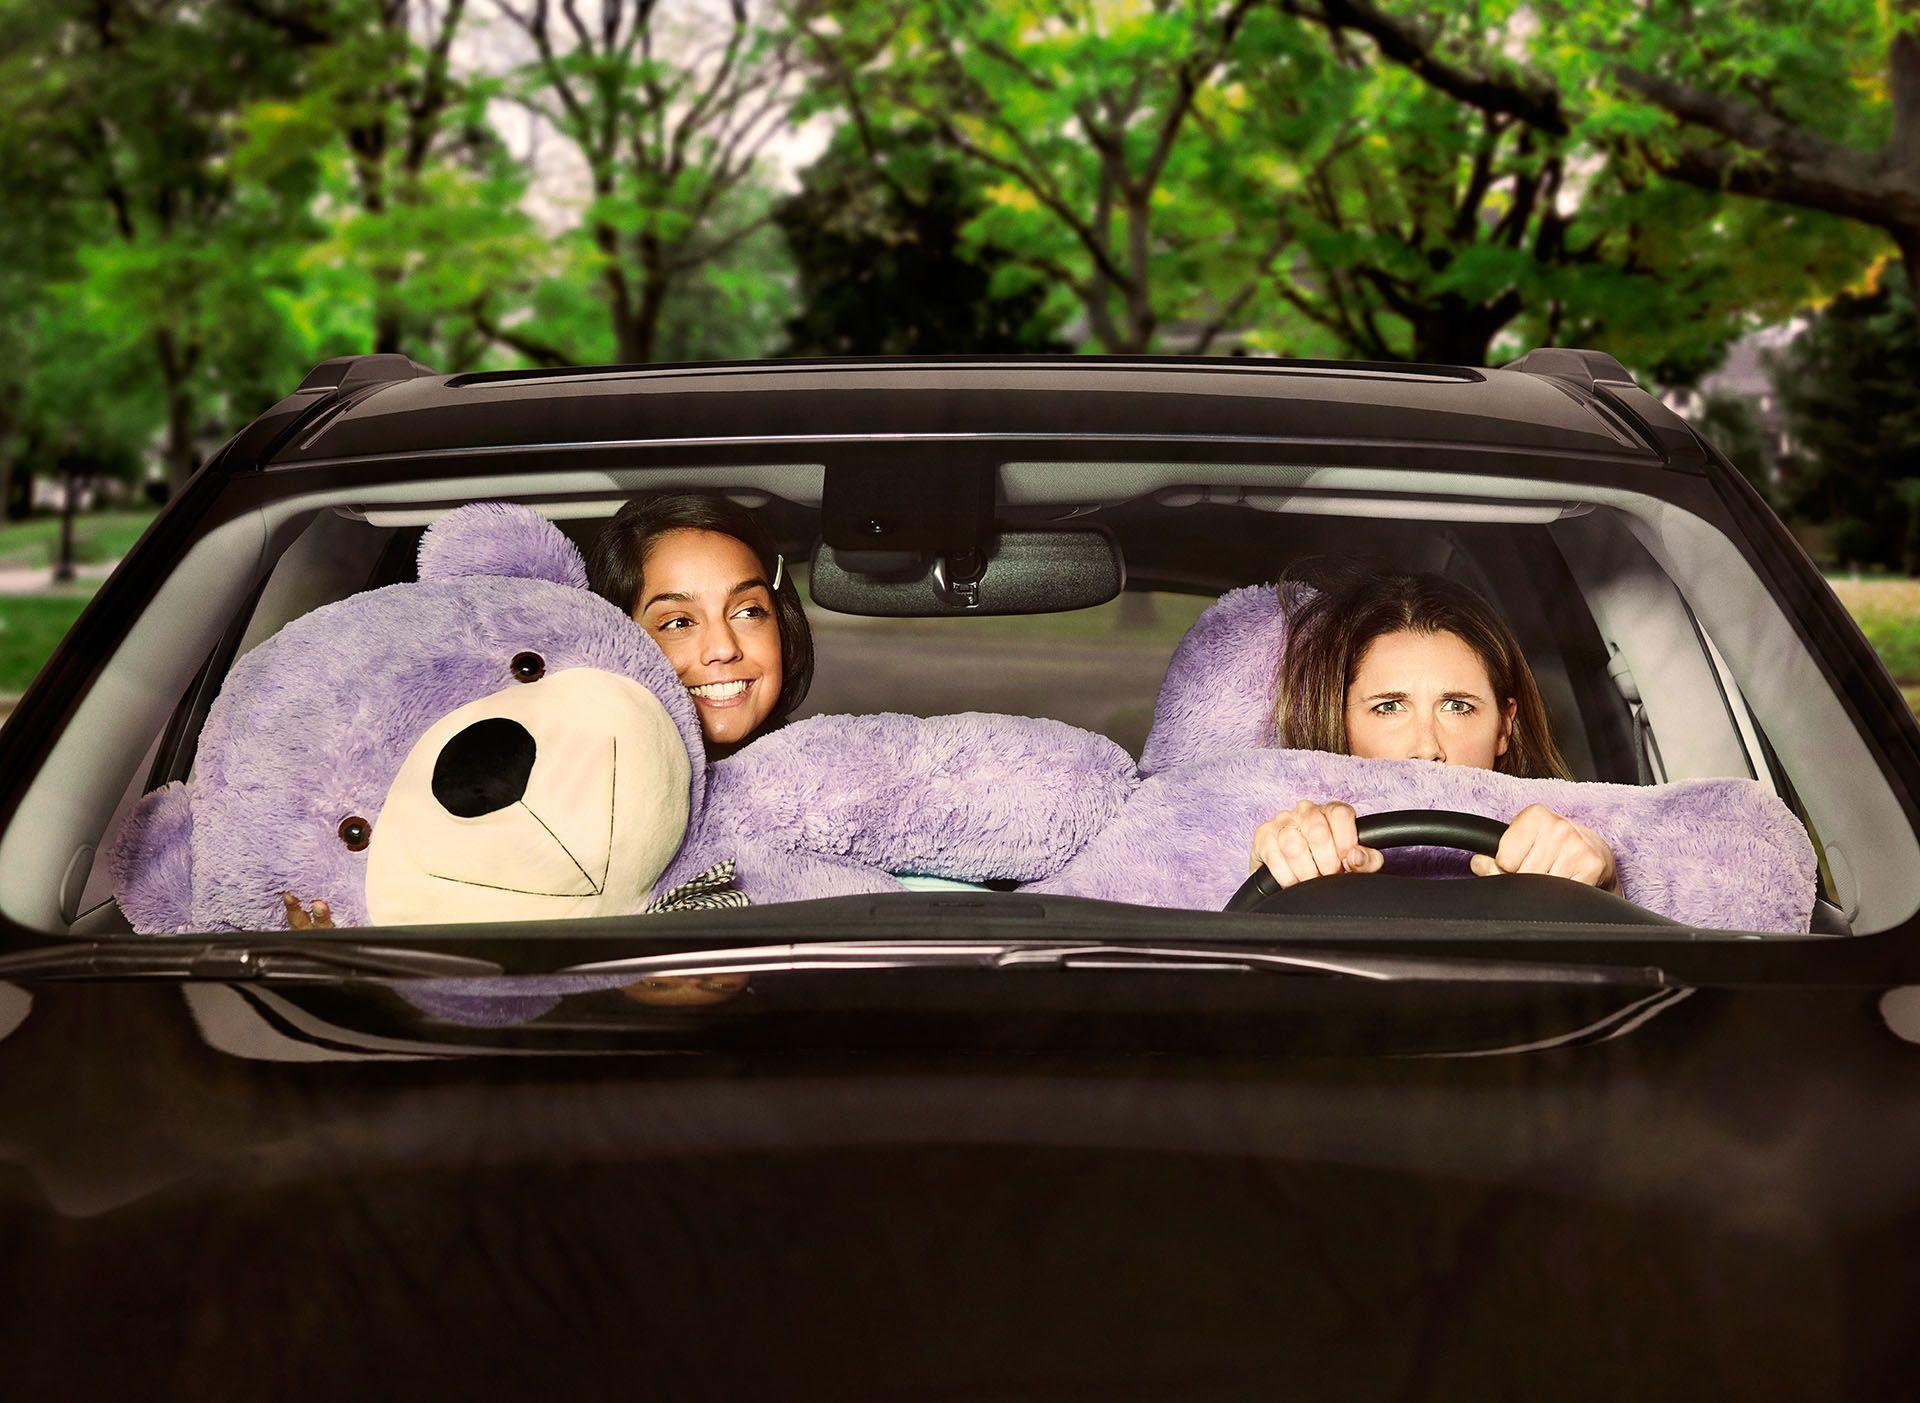 Deux filles en voiture avec un ours en peluche mauve géant prenant toute la place et énervant la conductrice par Jocelyn Michel pour Netlift